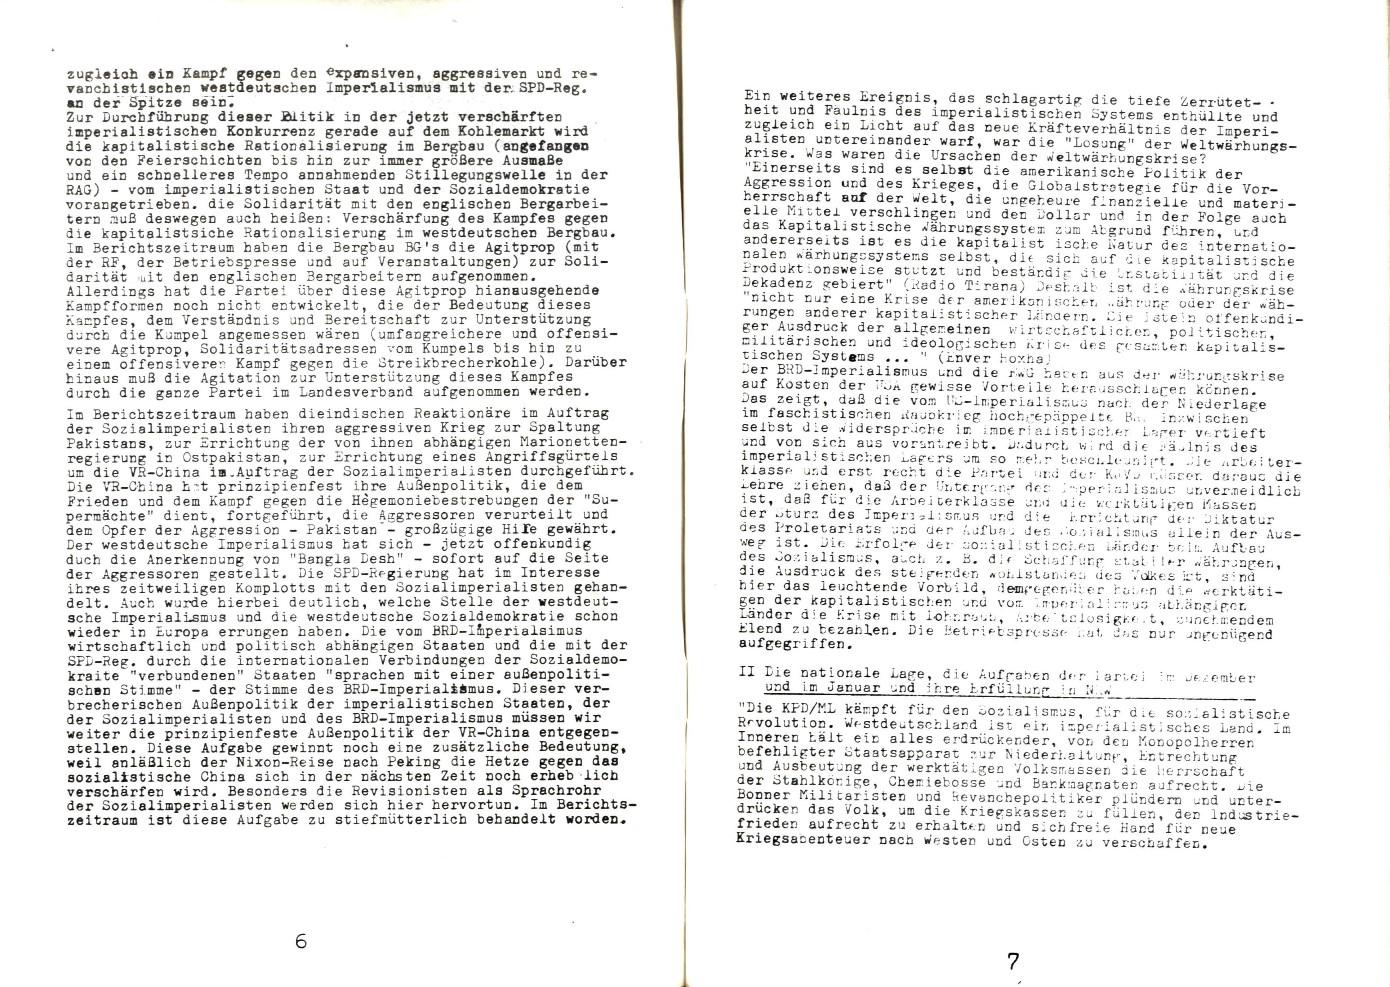 NRW_KPDML_Der_Bolschewist_1972_04_05